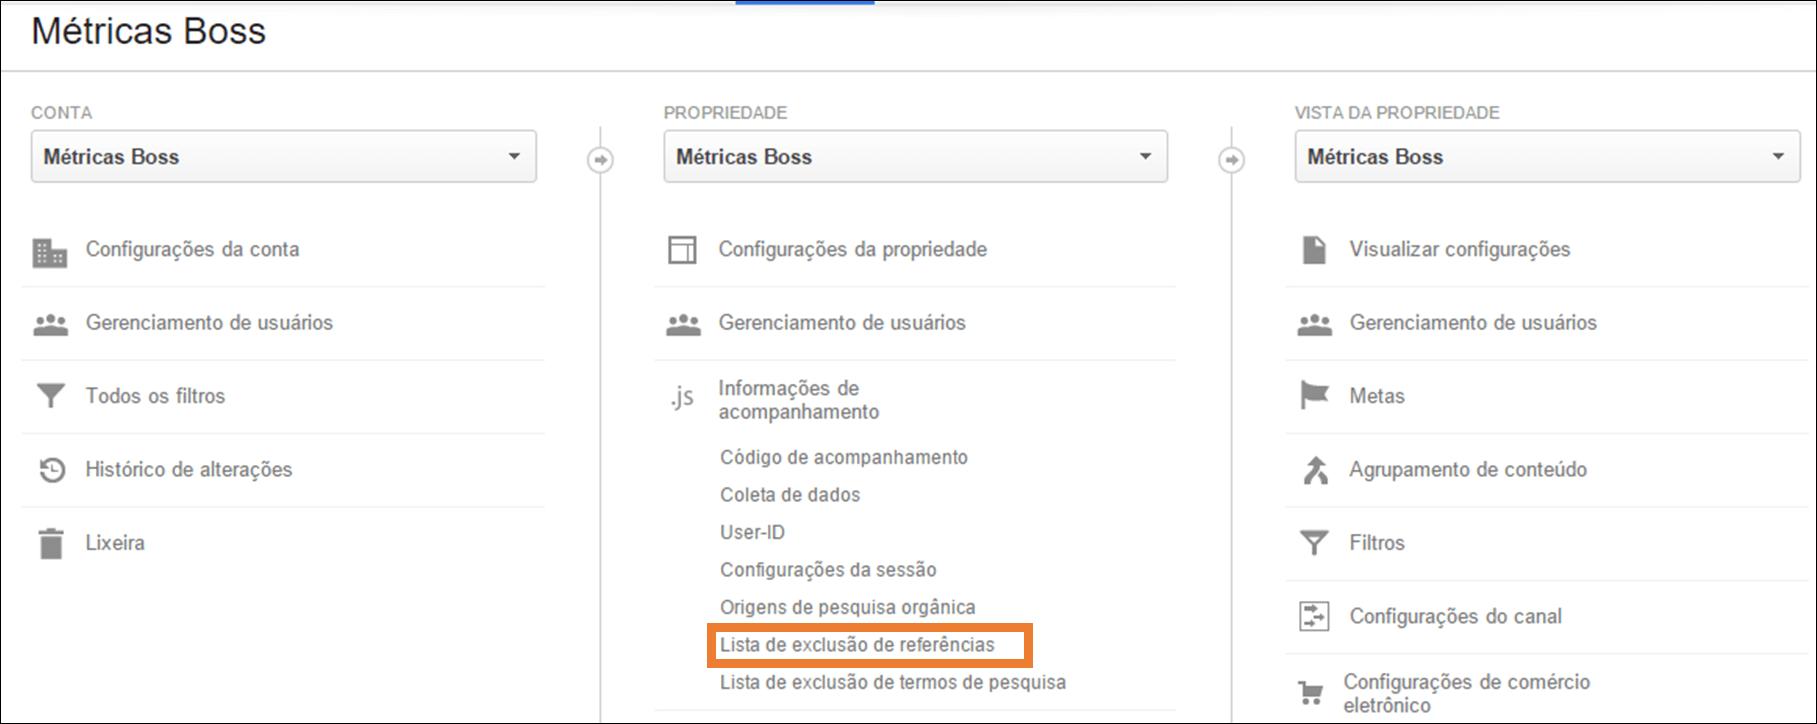 1 lista-de-exclusão-de-referências-google-analytics-passo-1-1.png